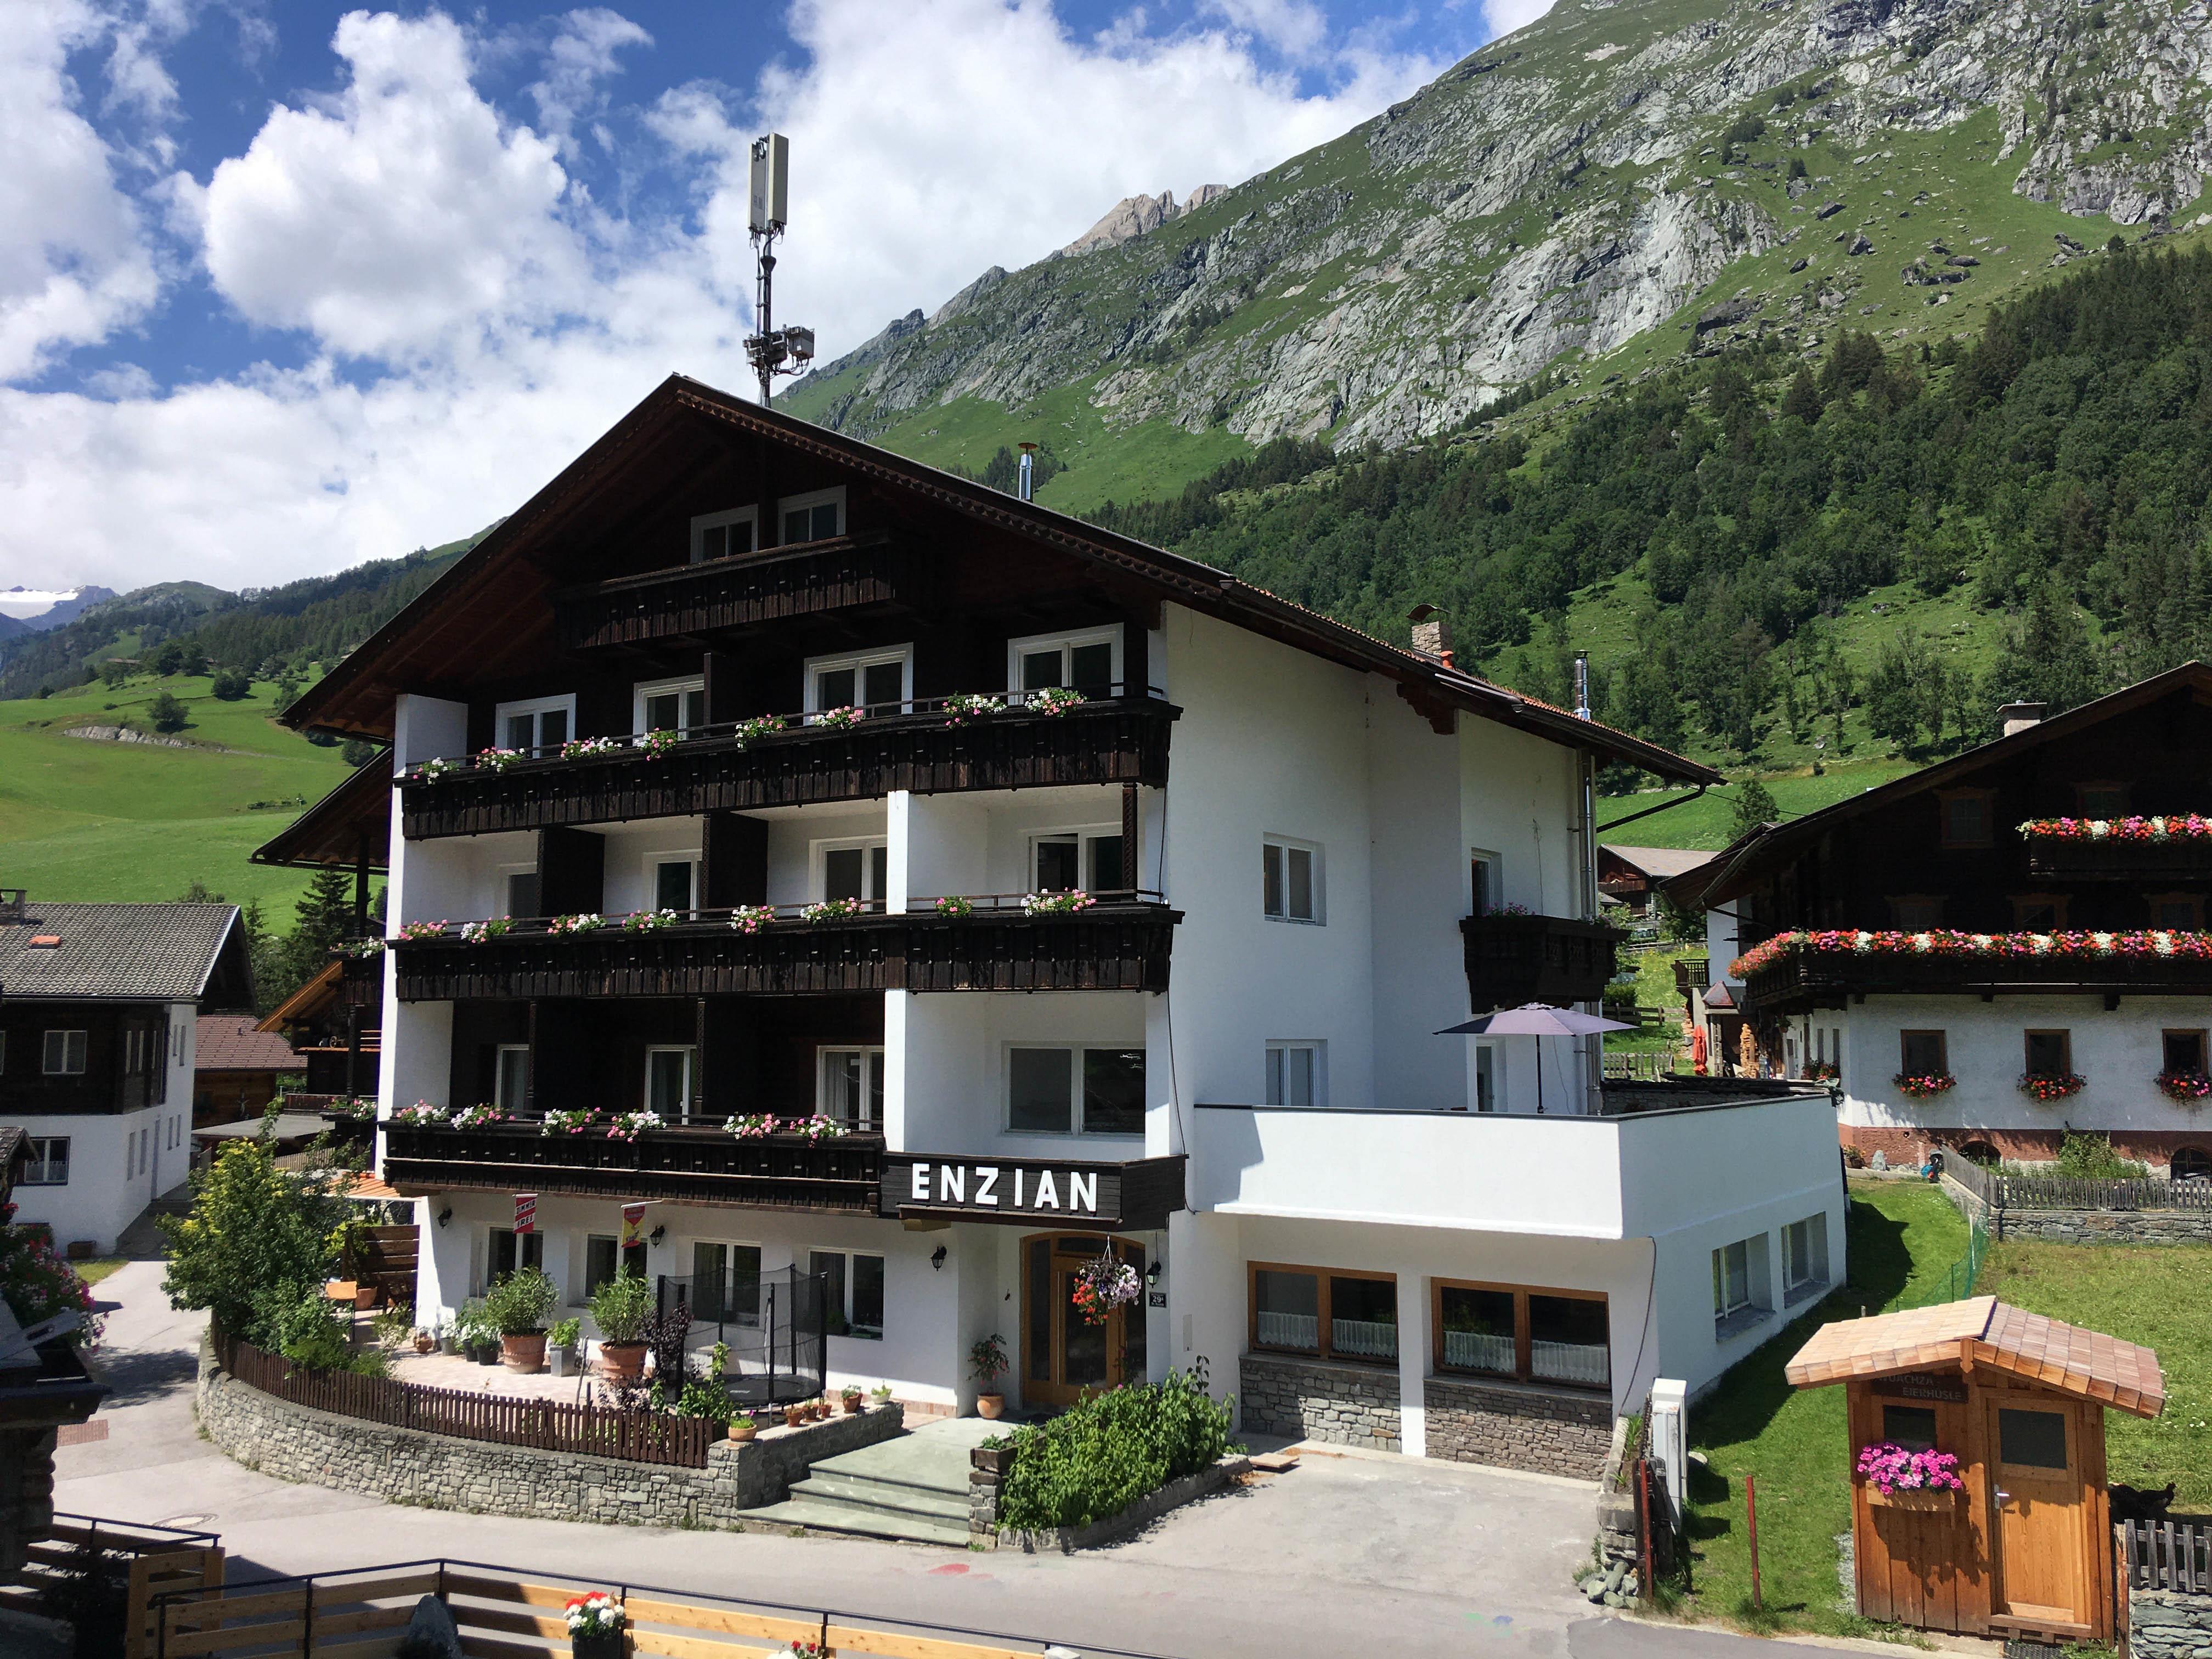 Ferienhaus-Enzian.jpg